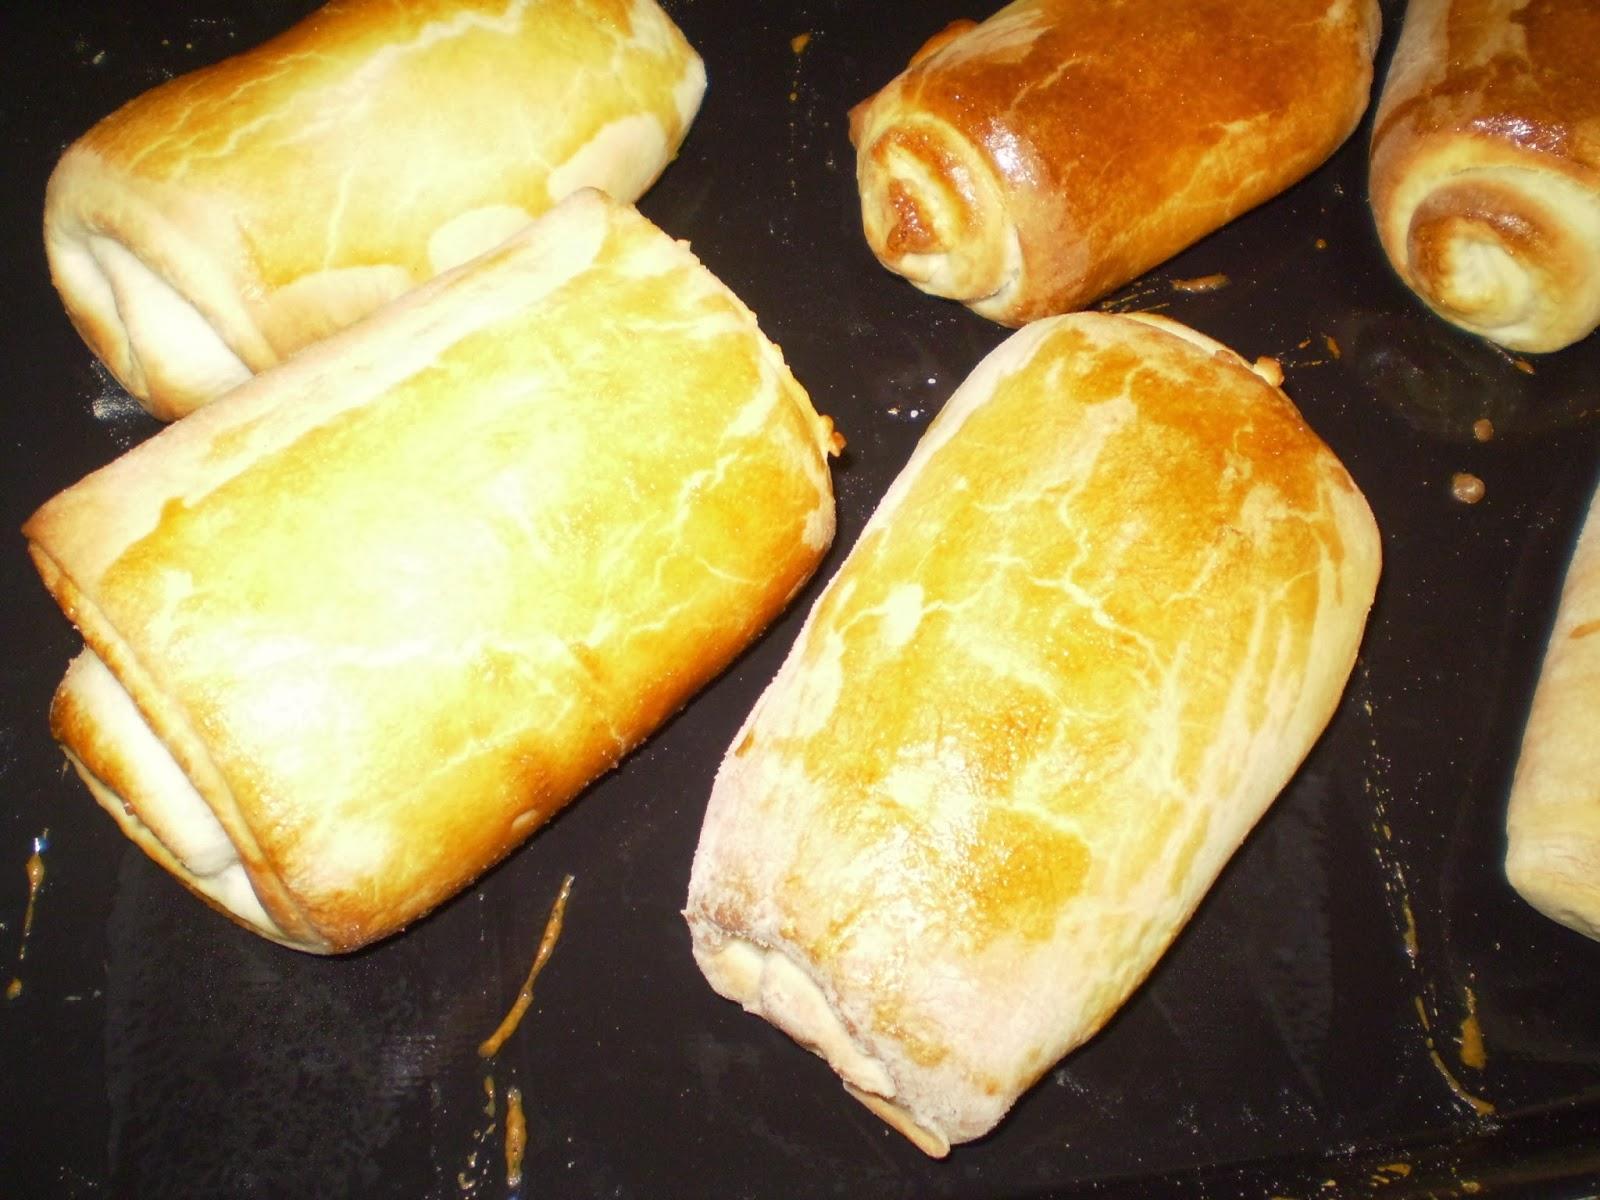 Les fourneaux de philo pain au chocolat maison - Pain au chocolat maison ...